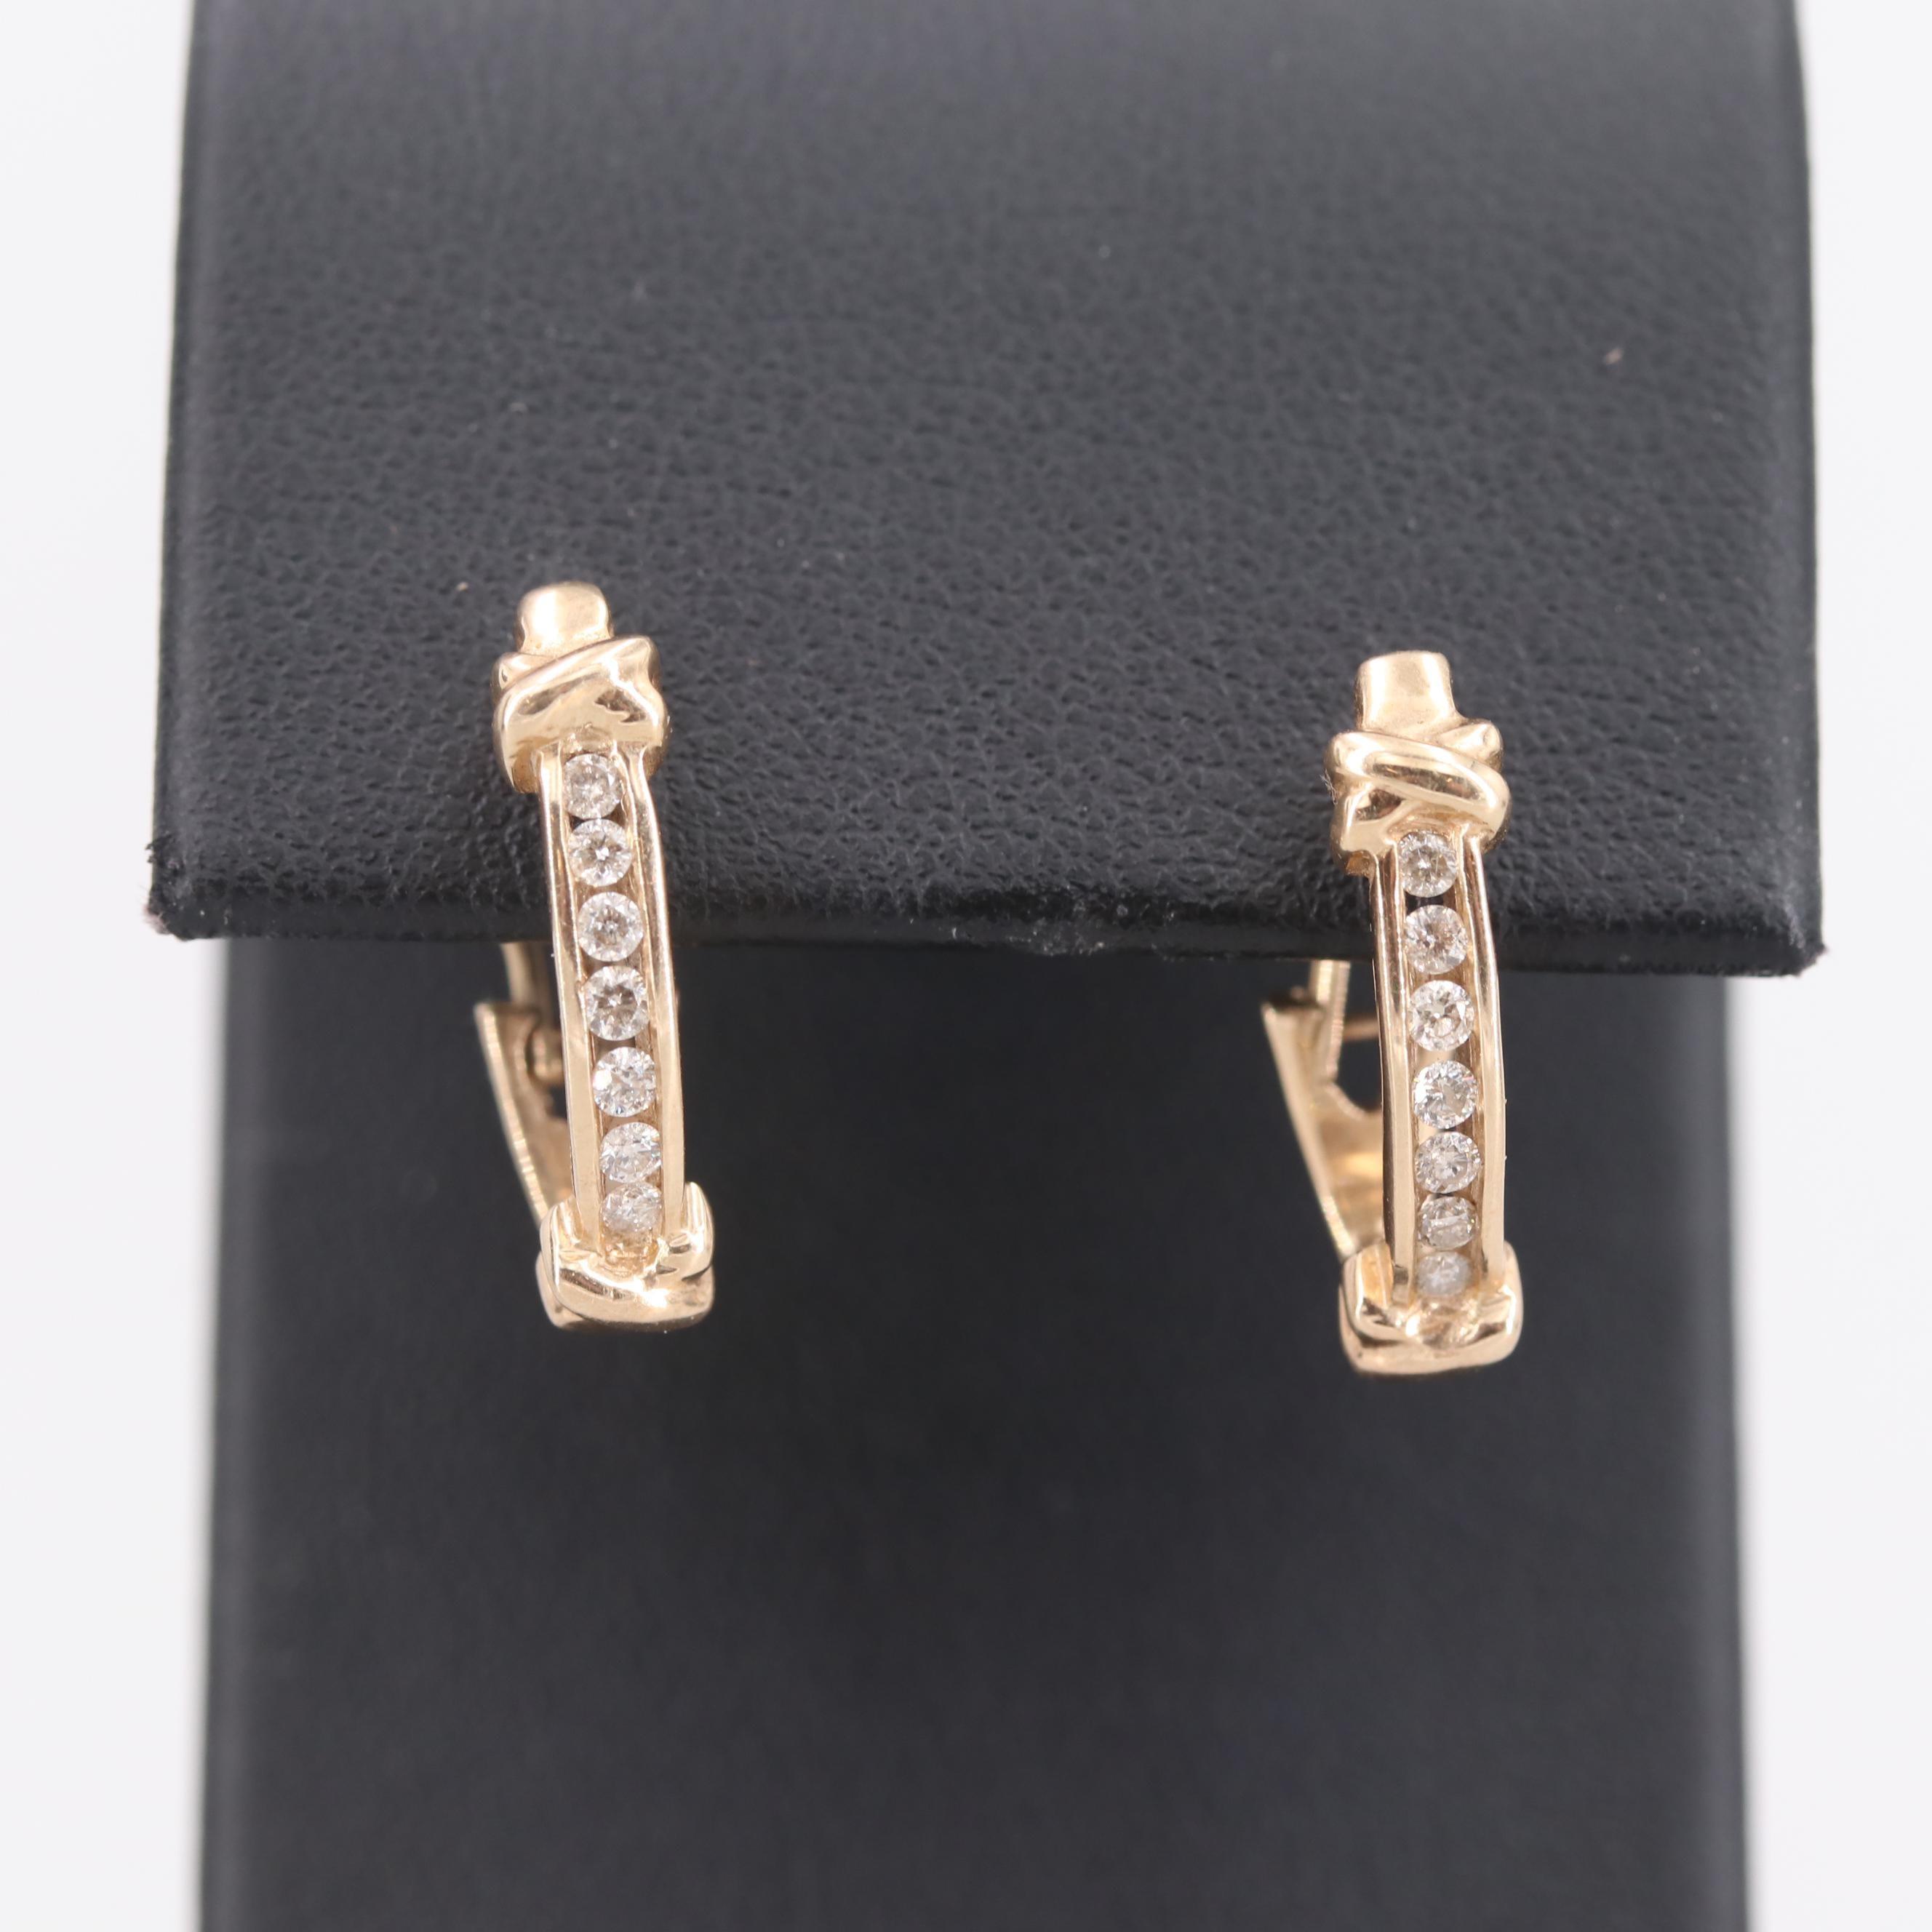 10K Yellow Gold Diamond J Hoop Earrings